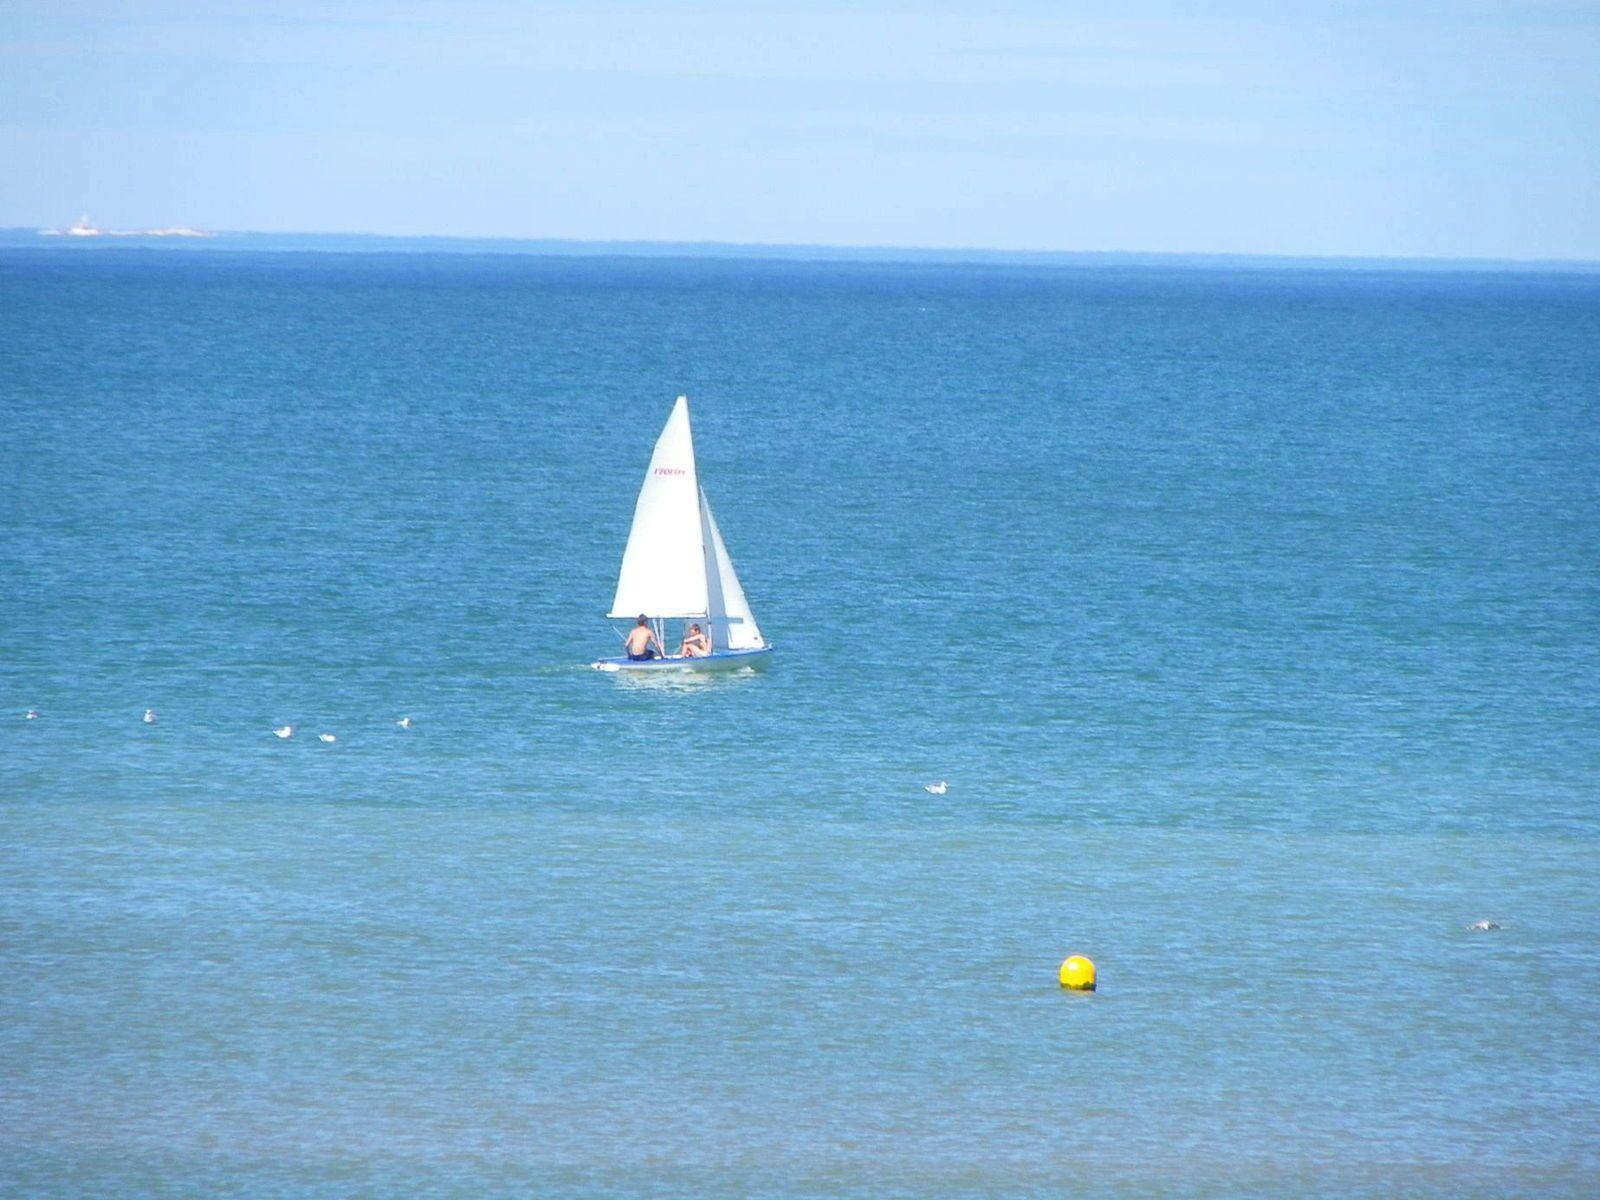 Vends dériveur EQUIPE basé à Dives-sur-Mer (14)